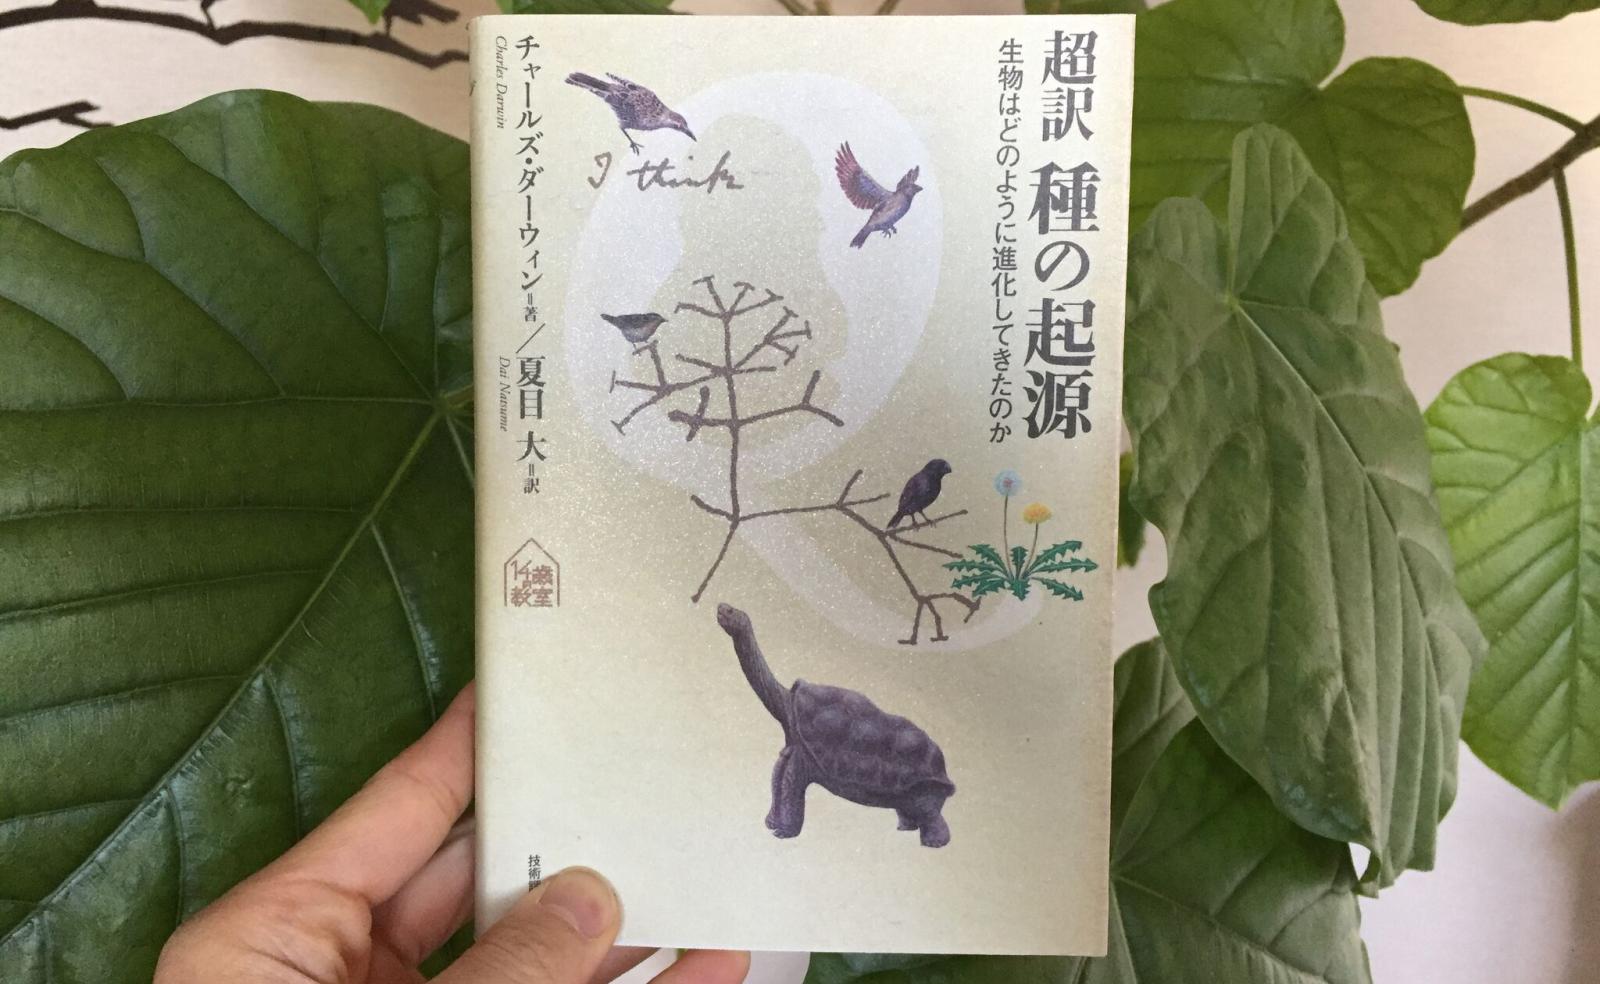 本「超訳:種の起源」進化論に学ぶ、仕事・幸福度UPの秘訣×5